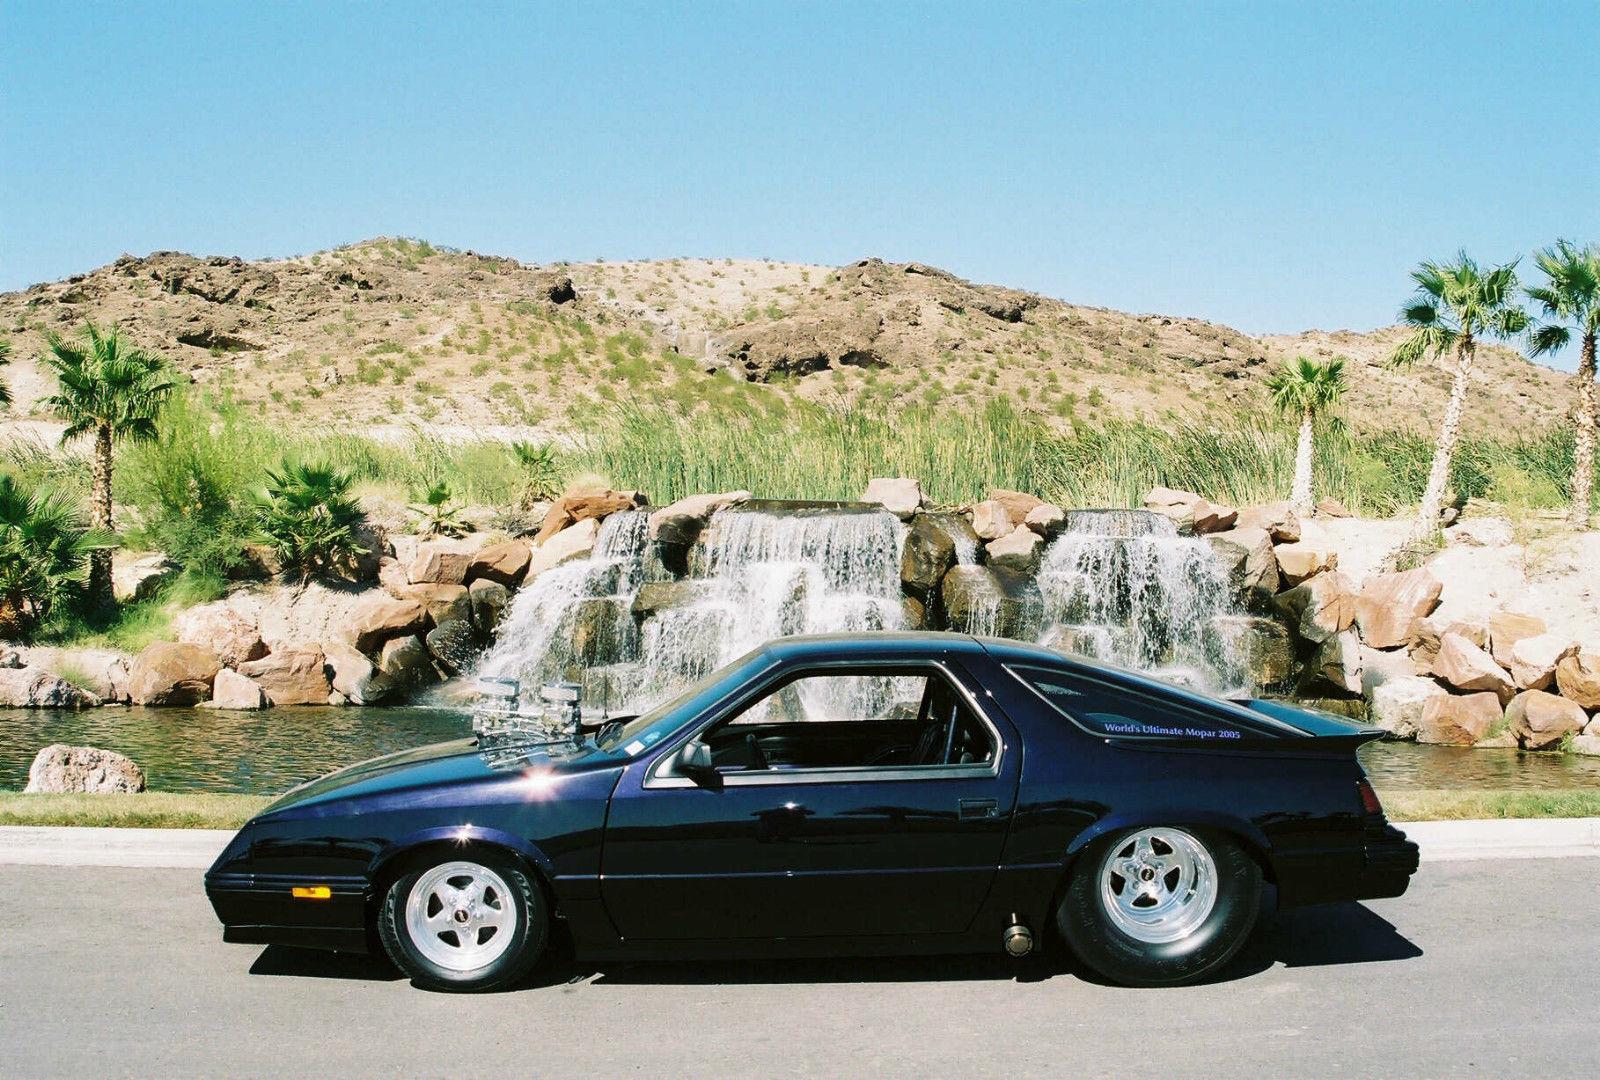 Craigslist Daytona Cars: BangShift.com Who Needs Subtlety When You Have A Tilt-Body